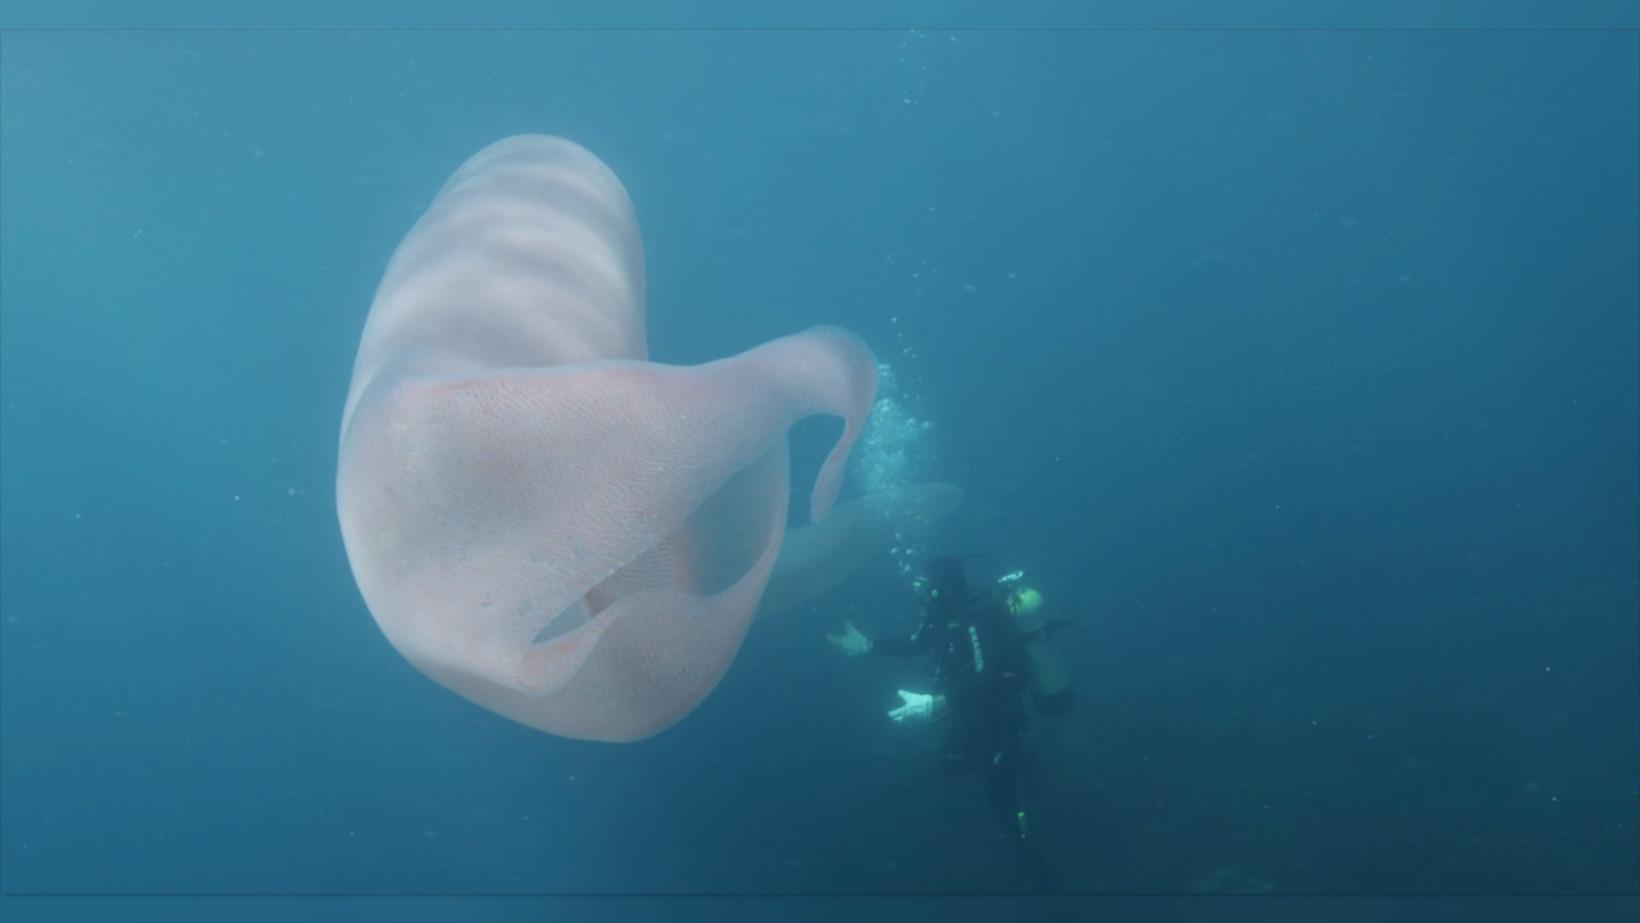 Mergulhadores encontram verme com mais de 8 metros